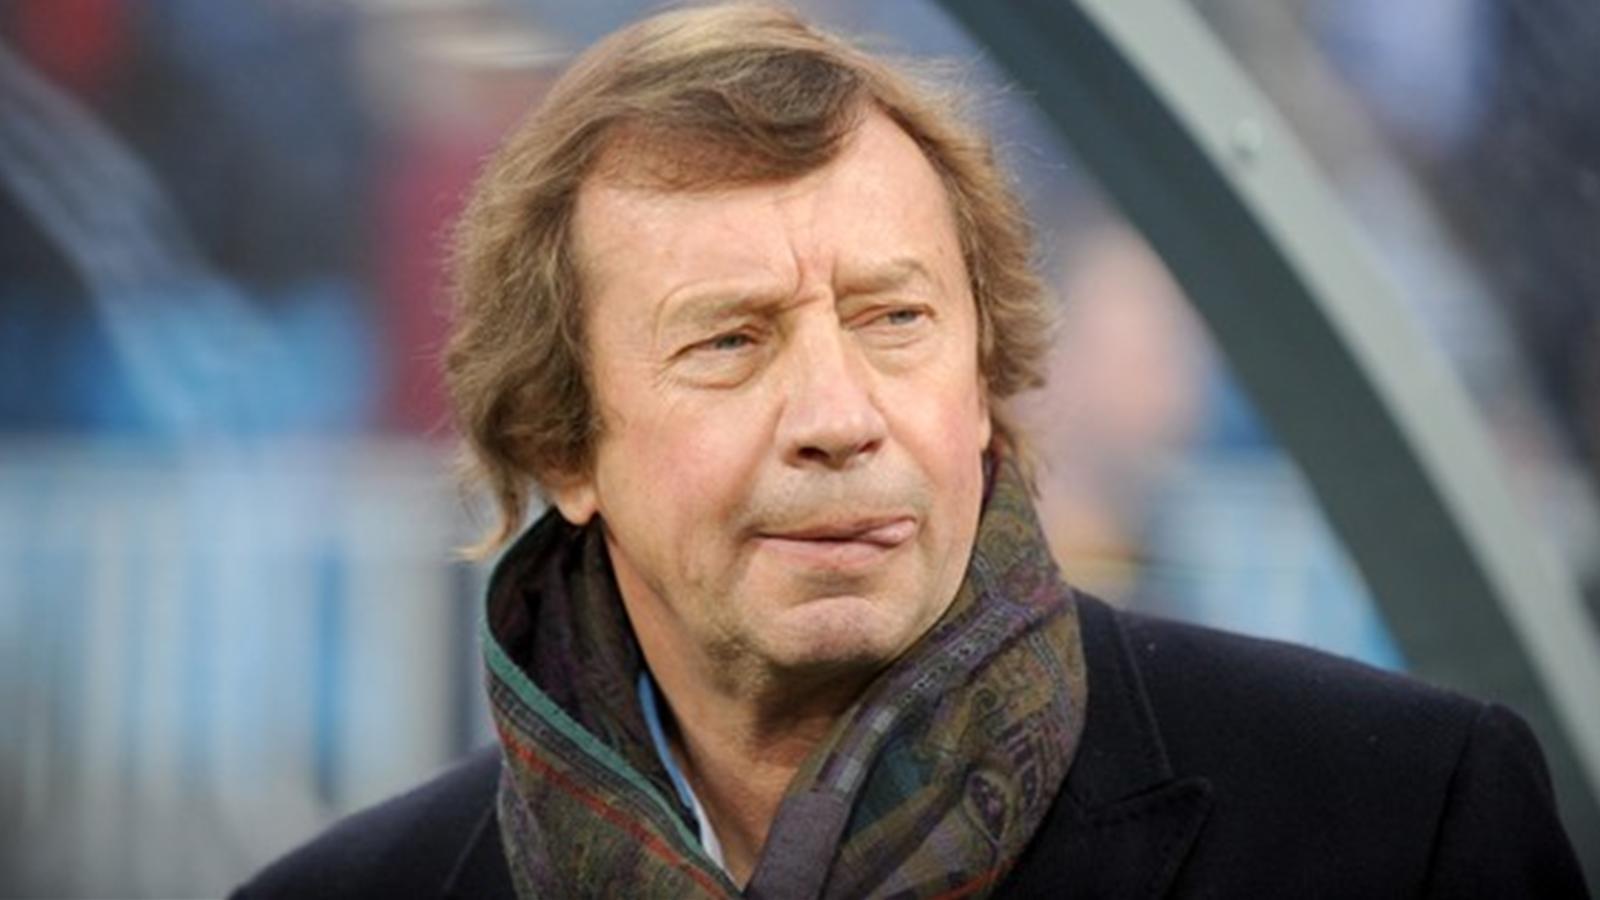 Юрий Сёмин: думаю, «Локомотиву» помогло, что я хорошо знаю некоторых игроков «Анжи»